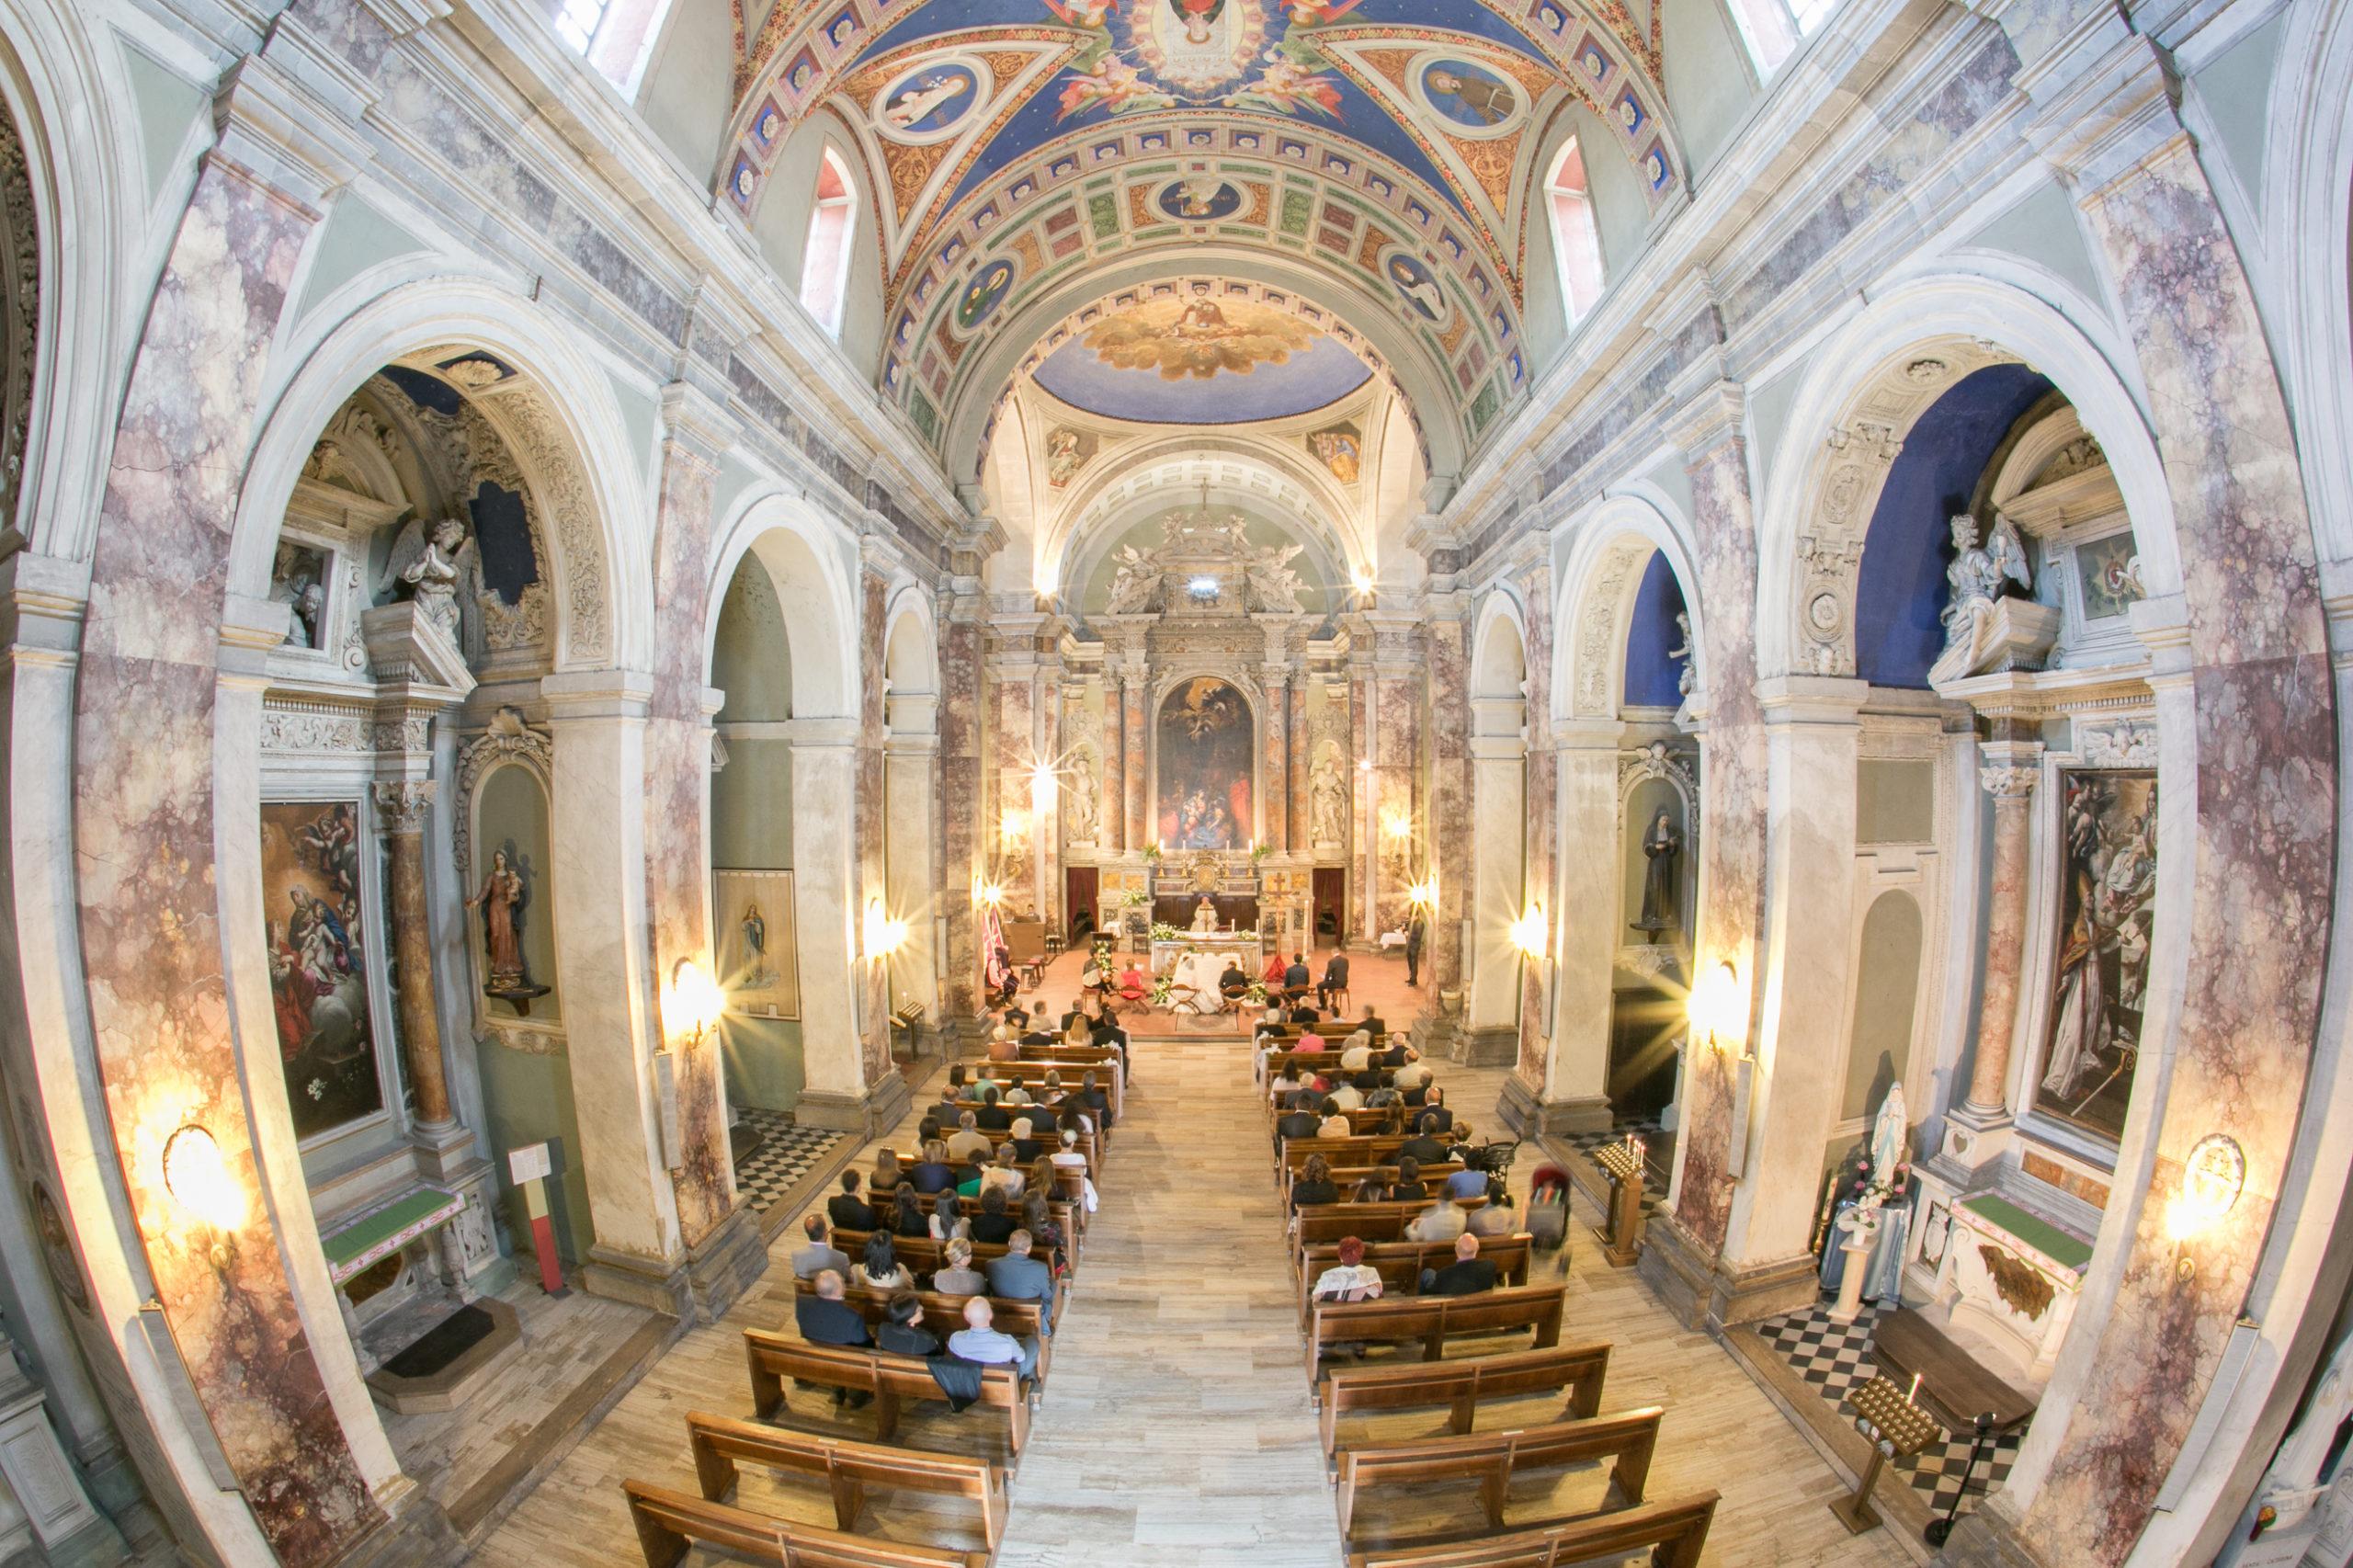 castel-del-piano-wedding-sposarsi-fotografo-matrimonio-fotofortiwedding-foto-forti